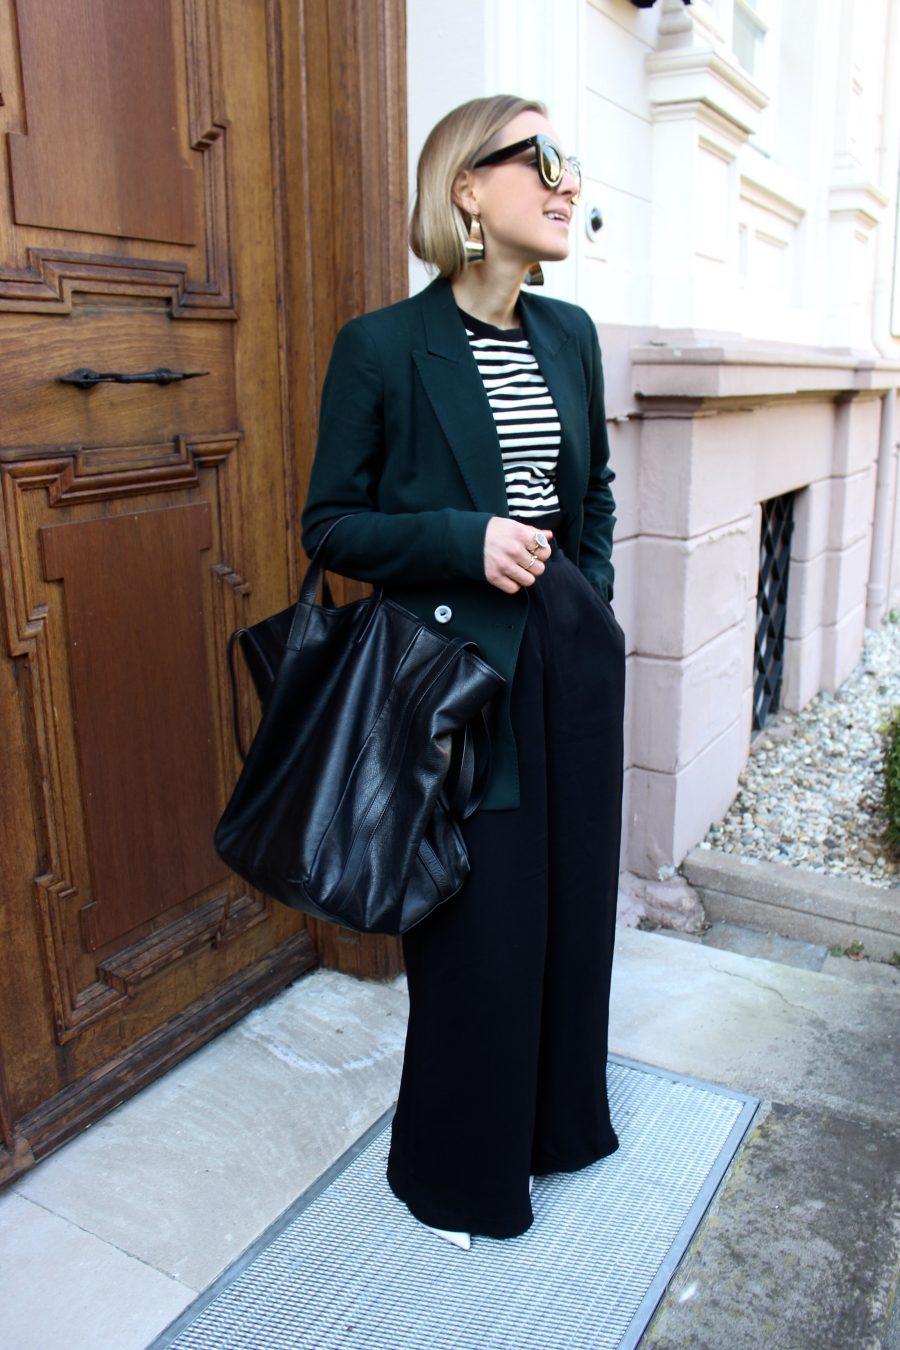 Streetstyle Fashion Blogger anna Borisovna